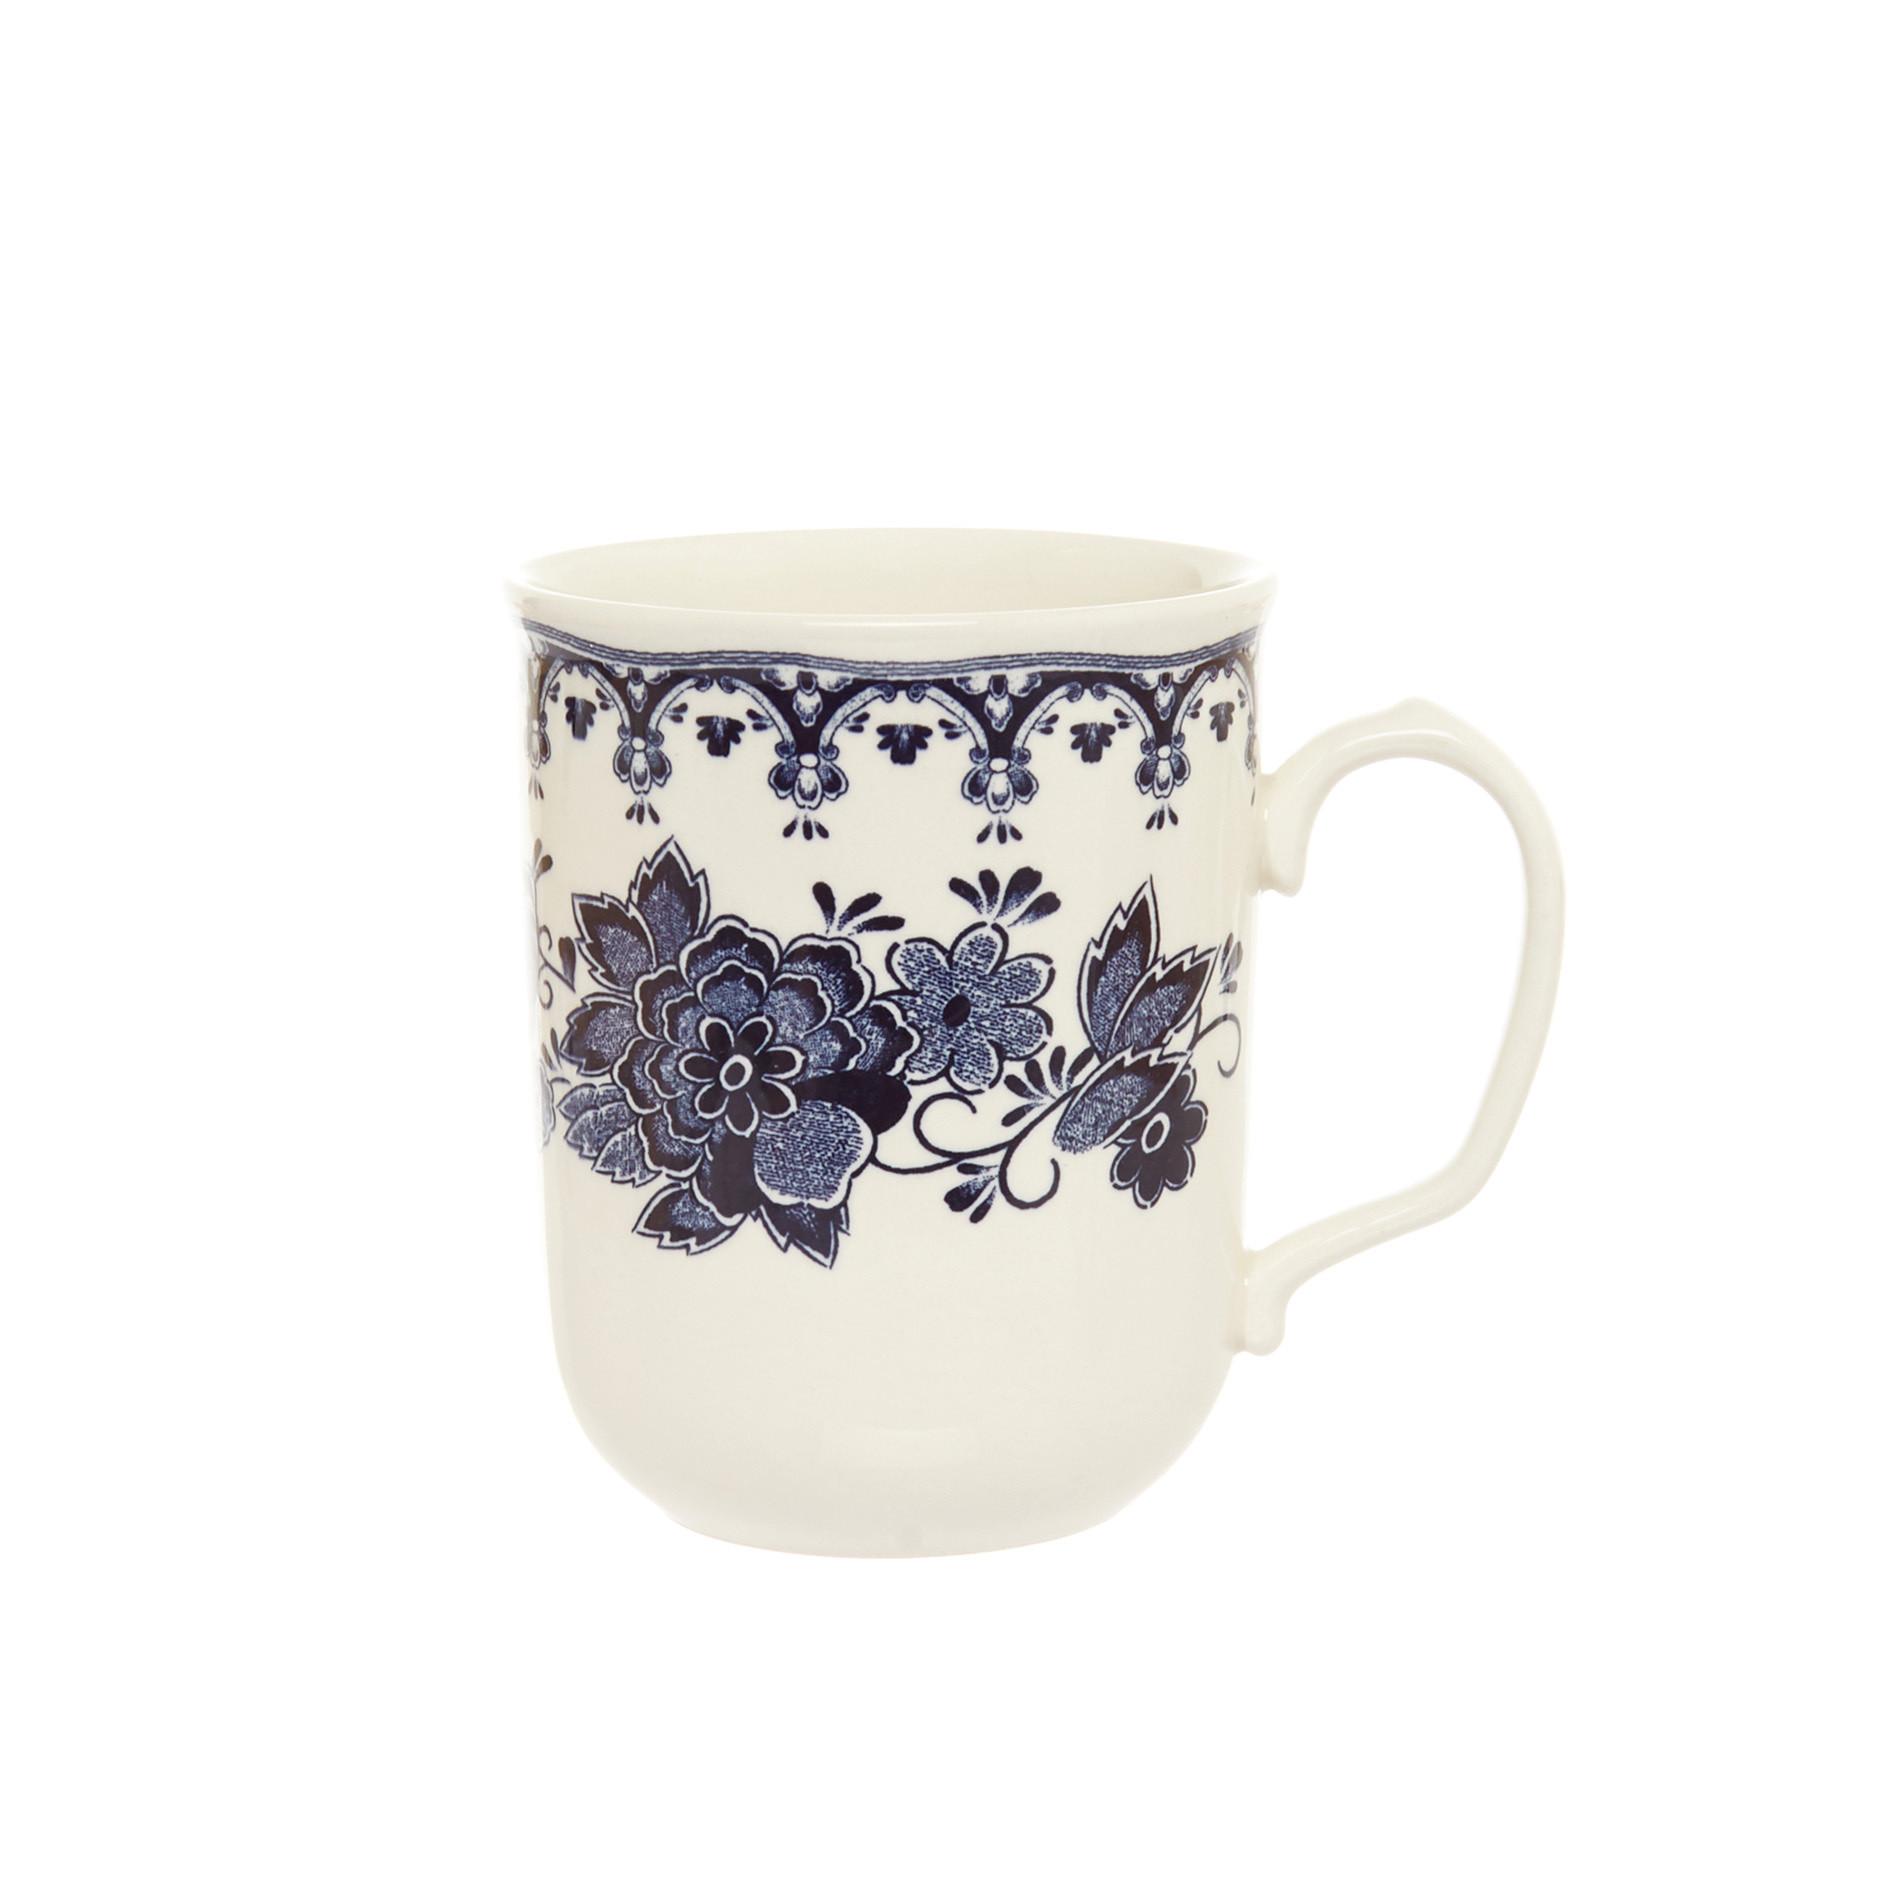 Mug ceramica decoro floreale, Bianco panna, large image number 0